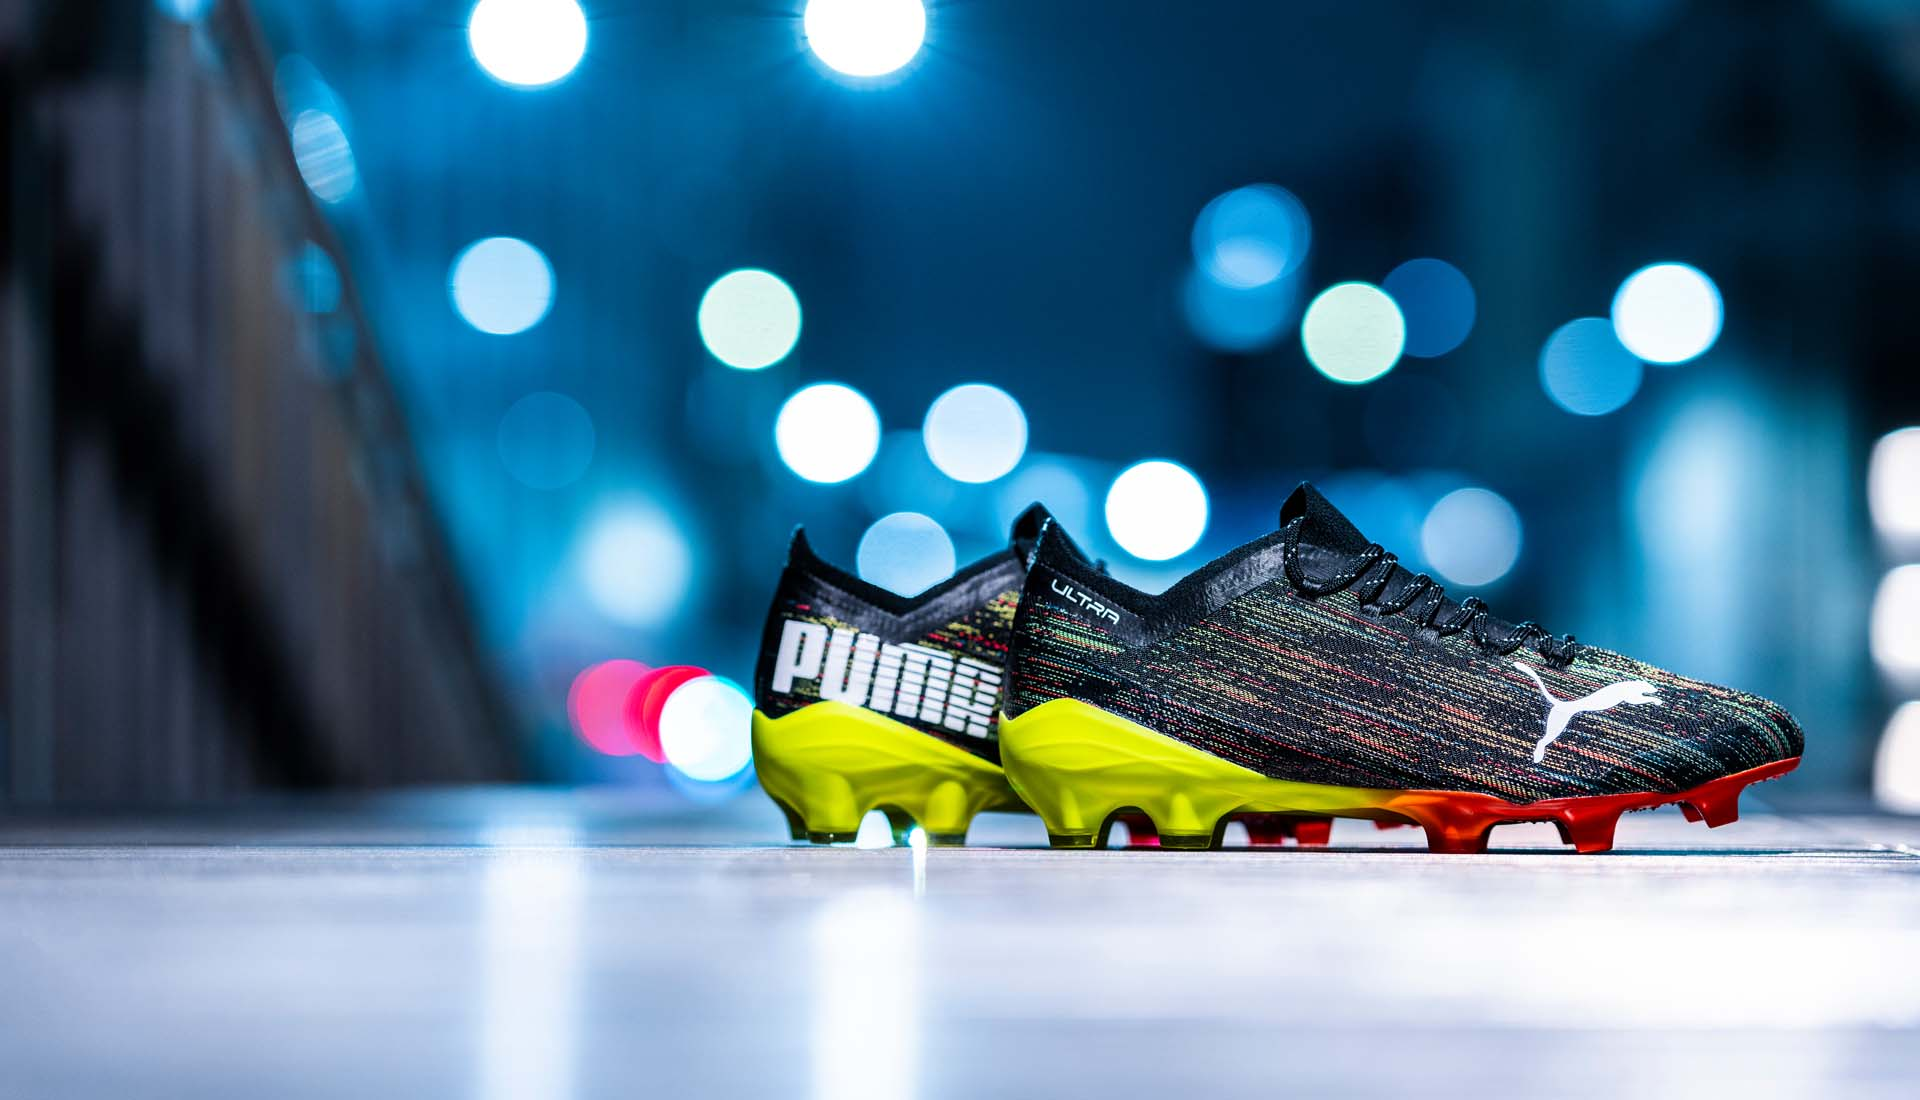 Giày đá bóng PUMA Ultra 1.2